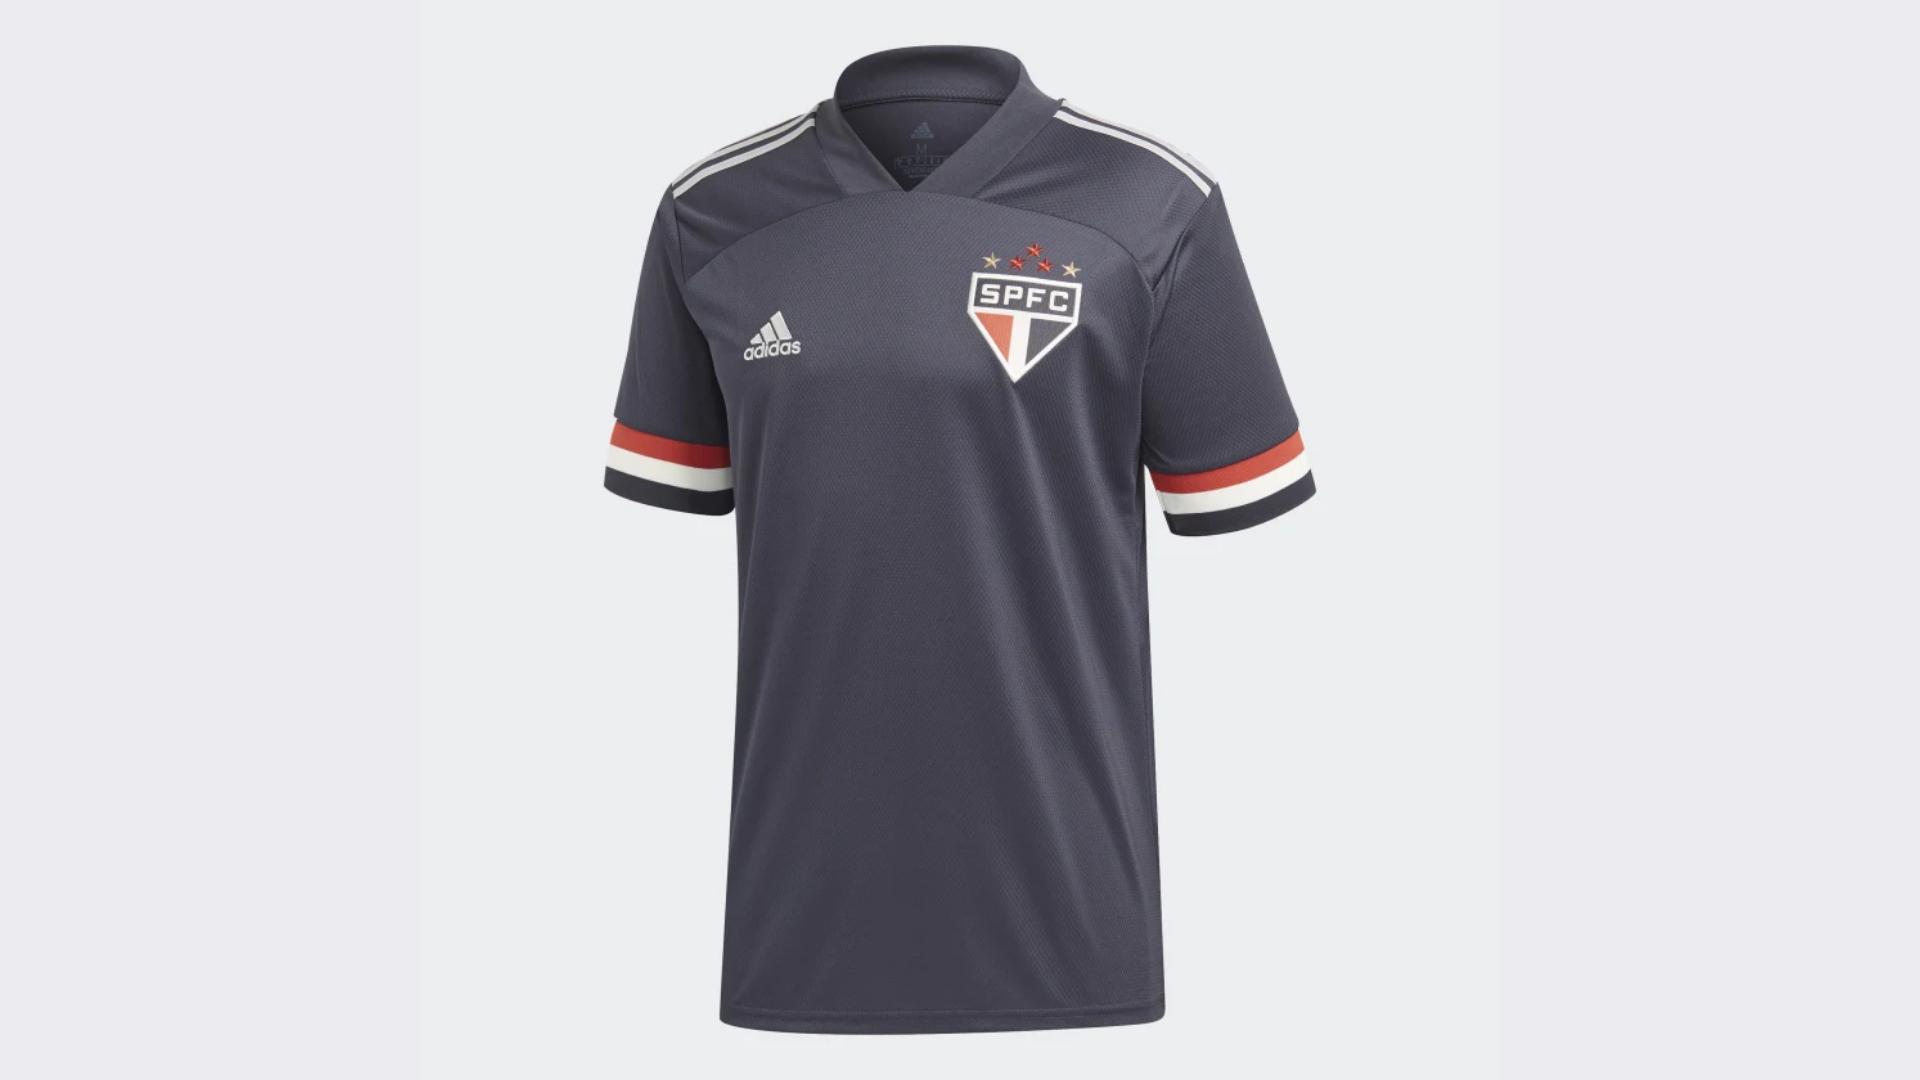 Camisa do São Paulo 2020 Adidas Jogo 3 (Imagem: Divulgação/Adidas)